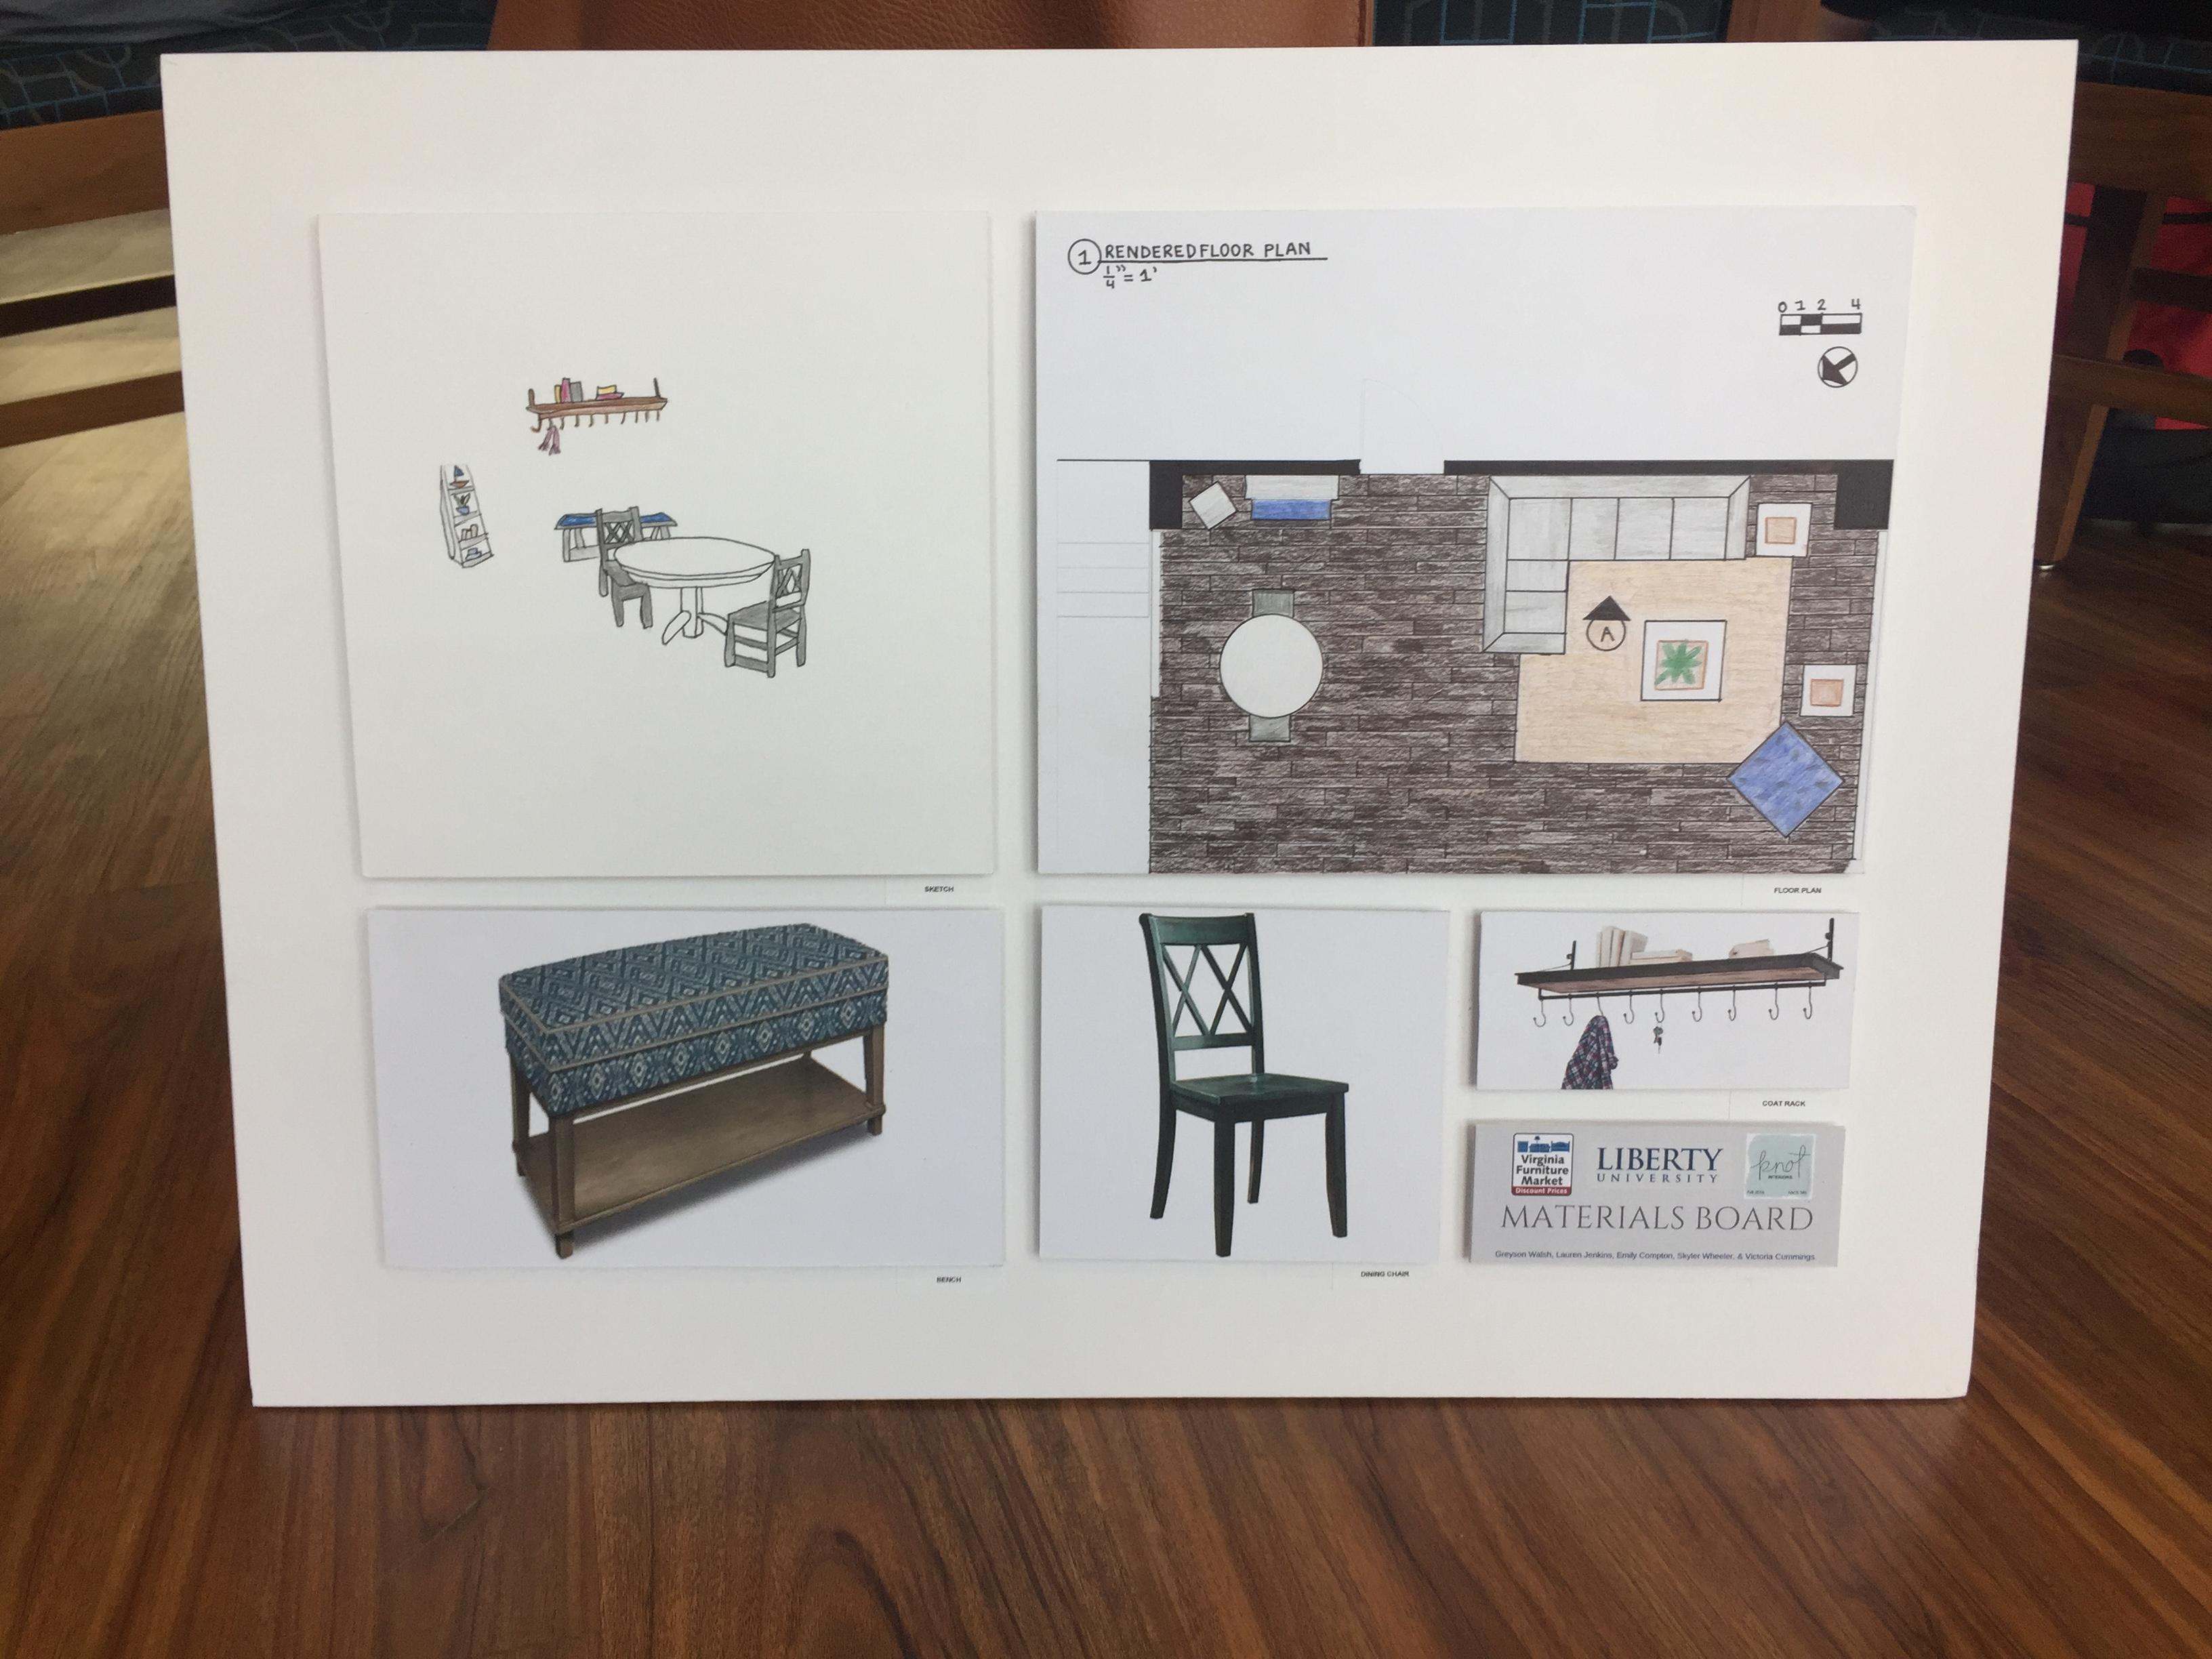 Virginia Furniture Market Design